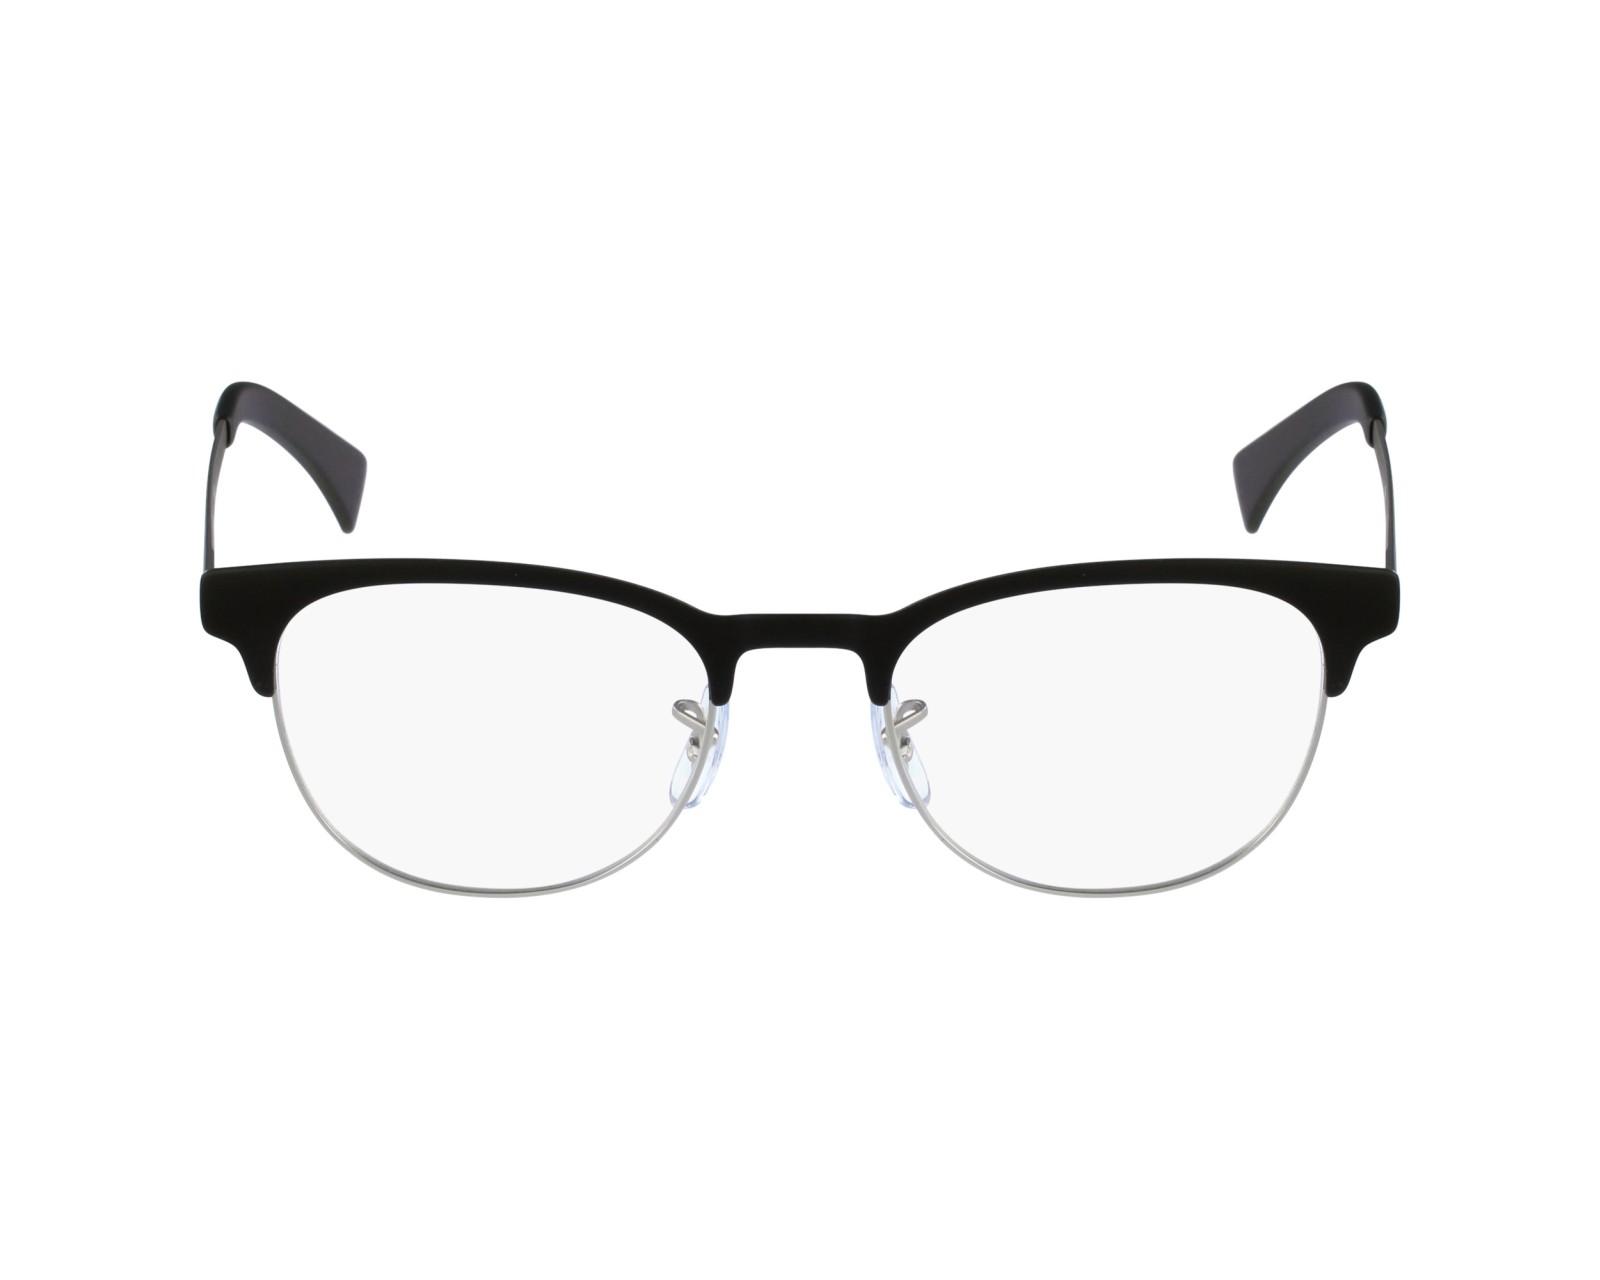 8a081c420a eyeglasses Ray-Ban RX-6317 2832 49-20 Black Silver profile view